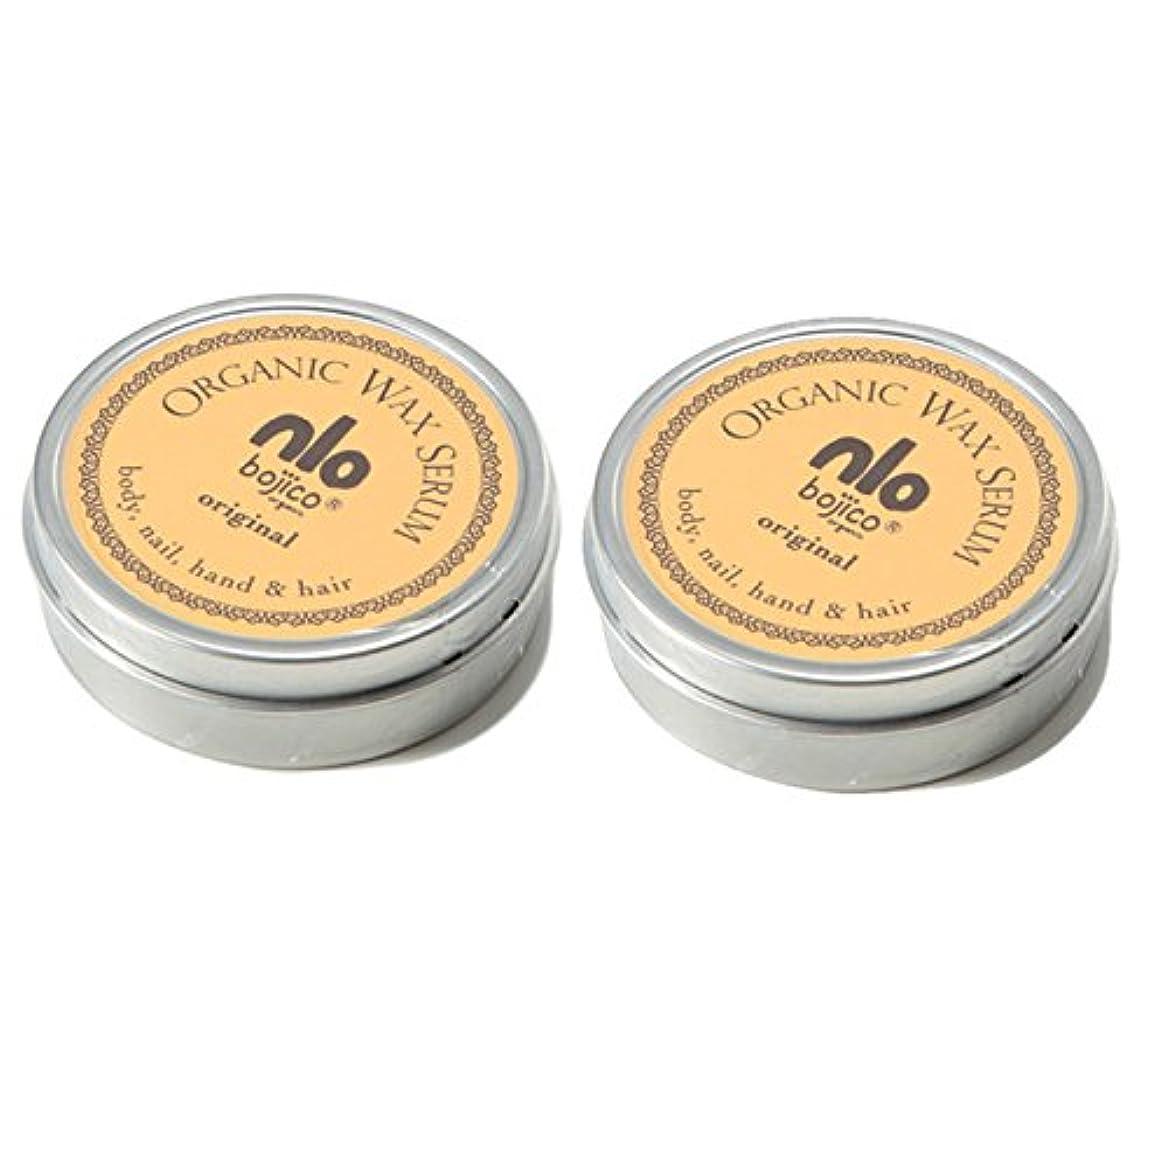 正当な比率便利【40g×2個セット】 ボジコ オーガニック ワックス セラム<オリジナル> bojico Organic Wax Serum 40g×2